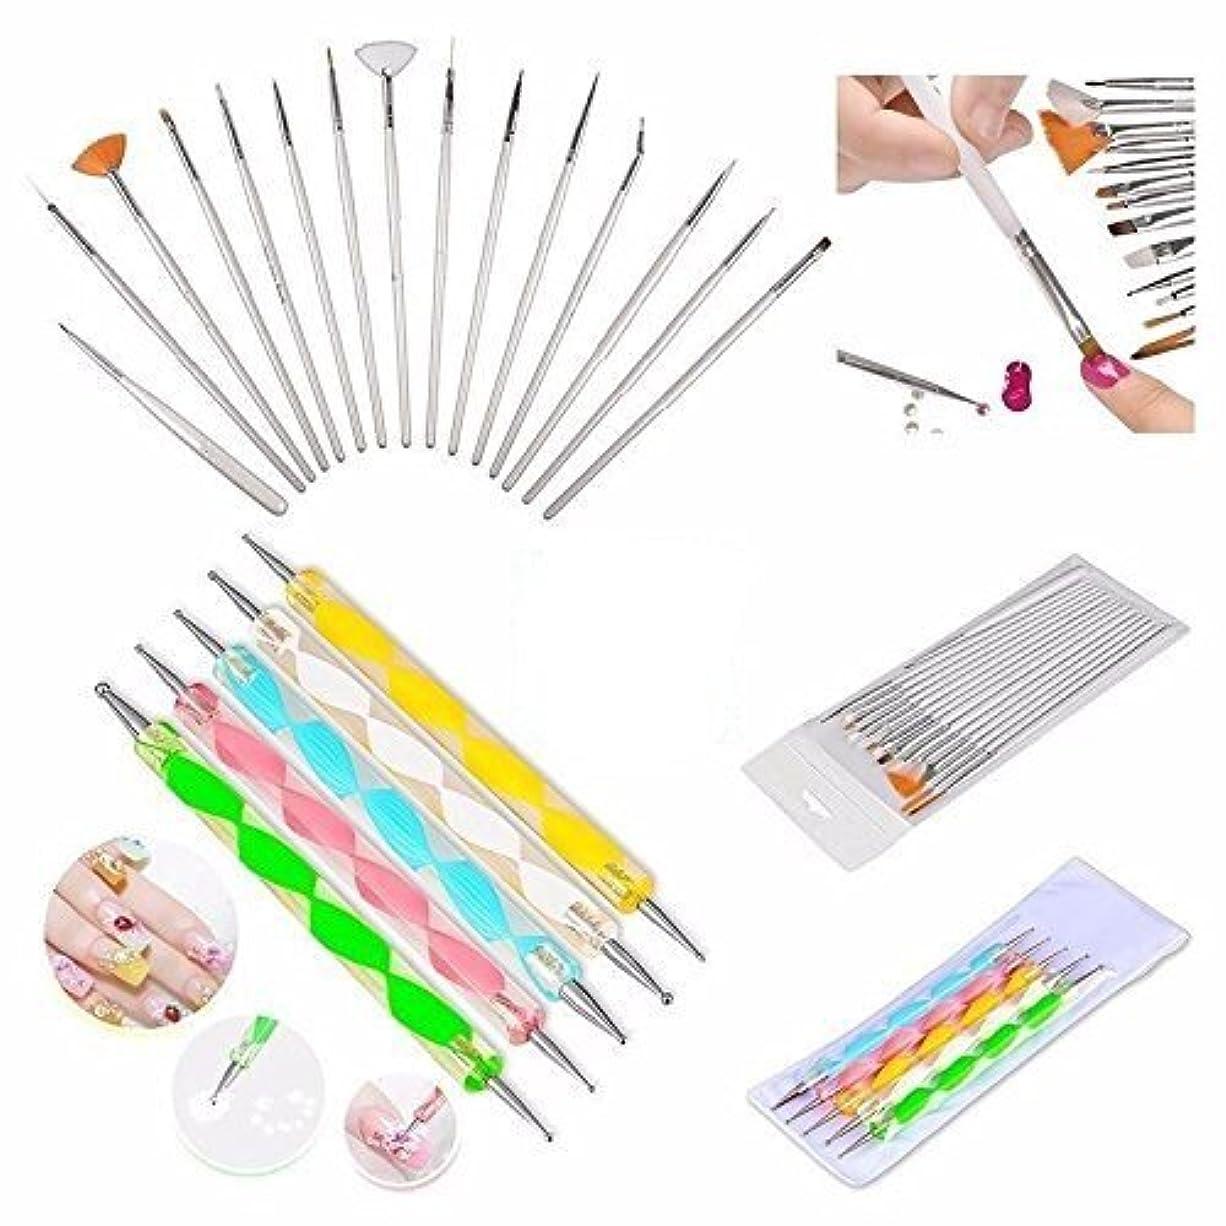 一見復讐降臨Boolavard® 20pc Nail Art Manicure Pedicure Beauty Painting Polish Brush and Dotting Pen Tool Set for Natural,...